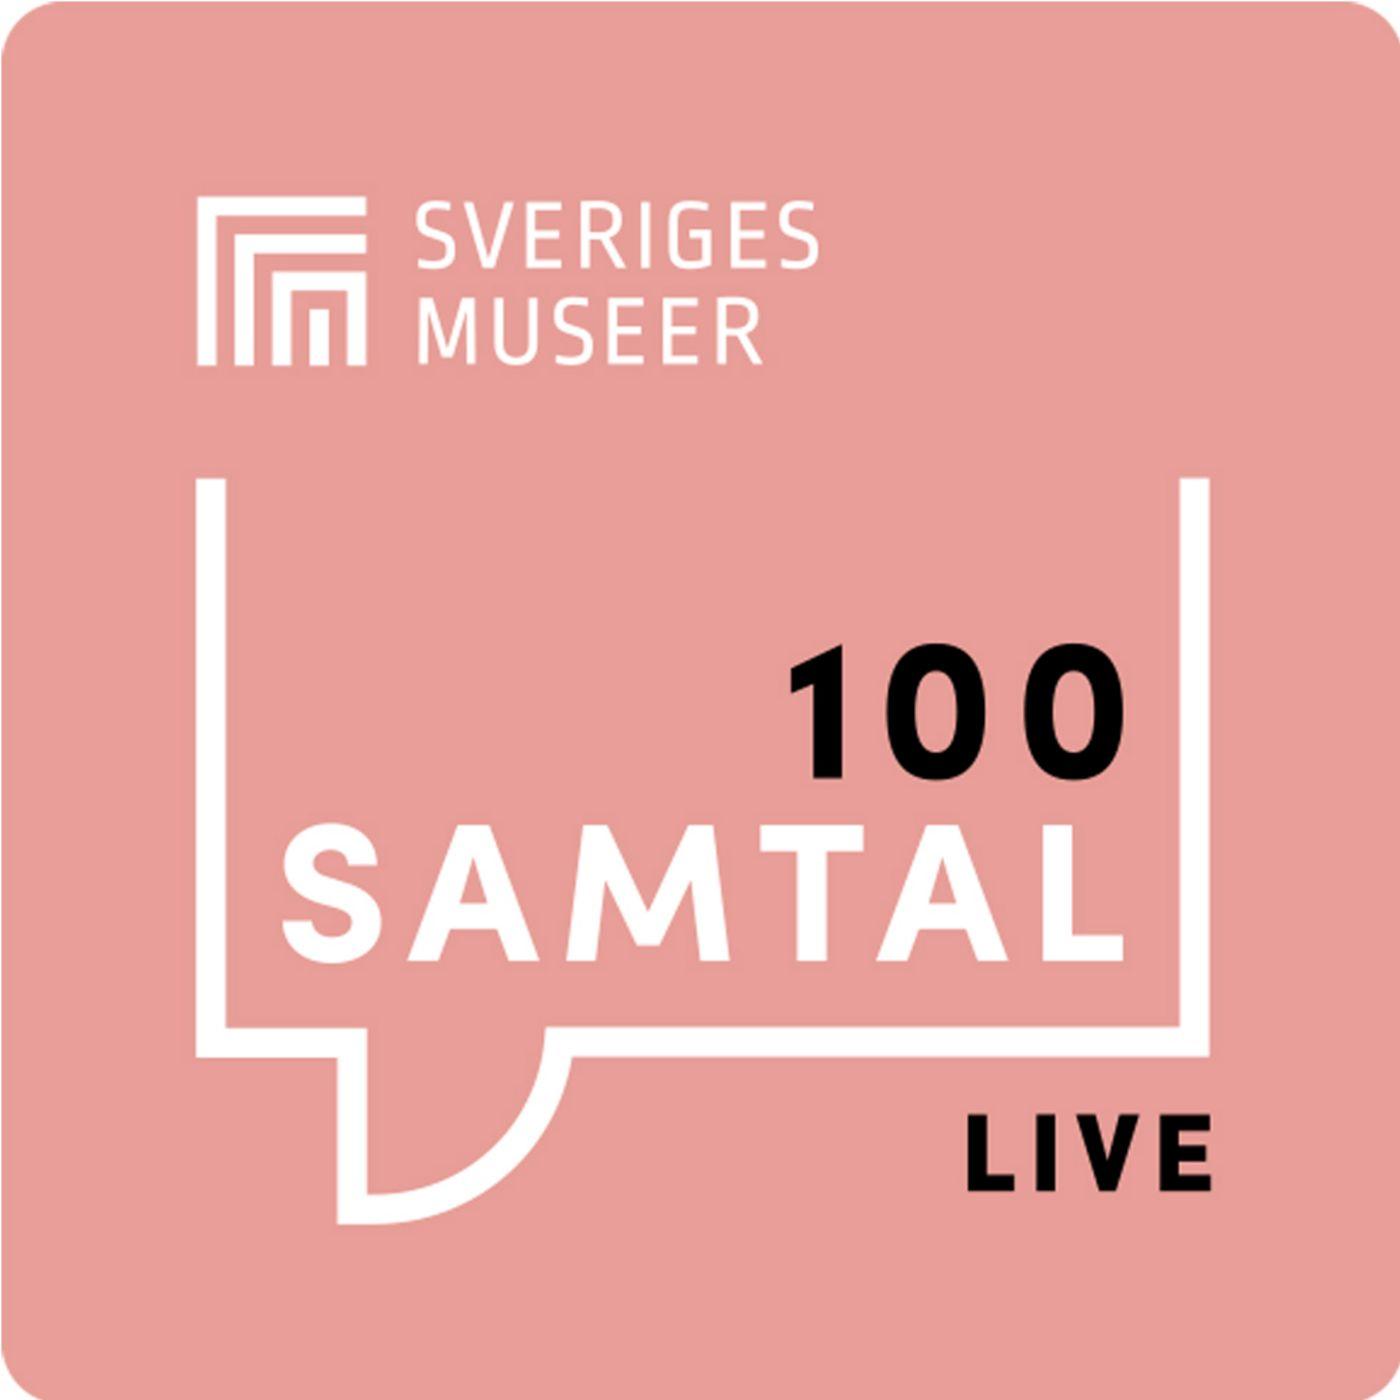 Det goda samtalet med Brit Stakston, Zaynab Ouahabi, Hans Ruin och Björn Hedensjö hos Historiska museet i Stockholm.